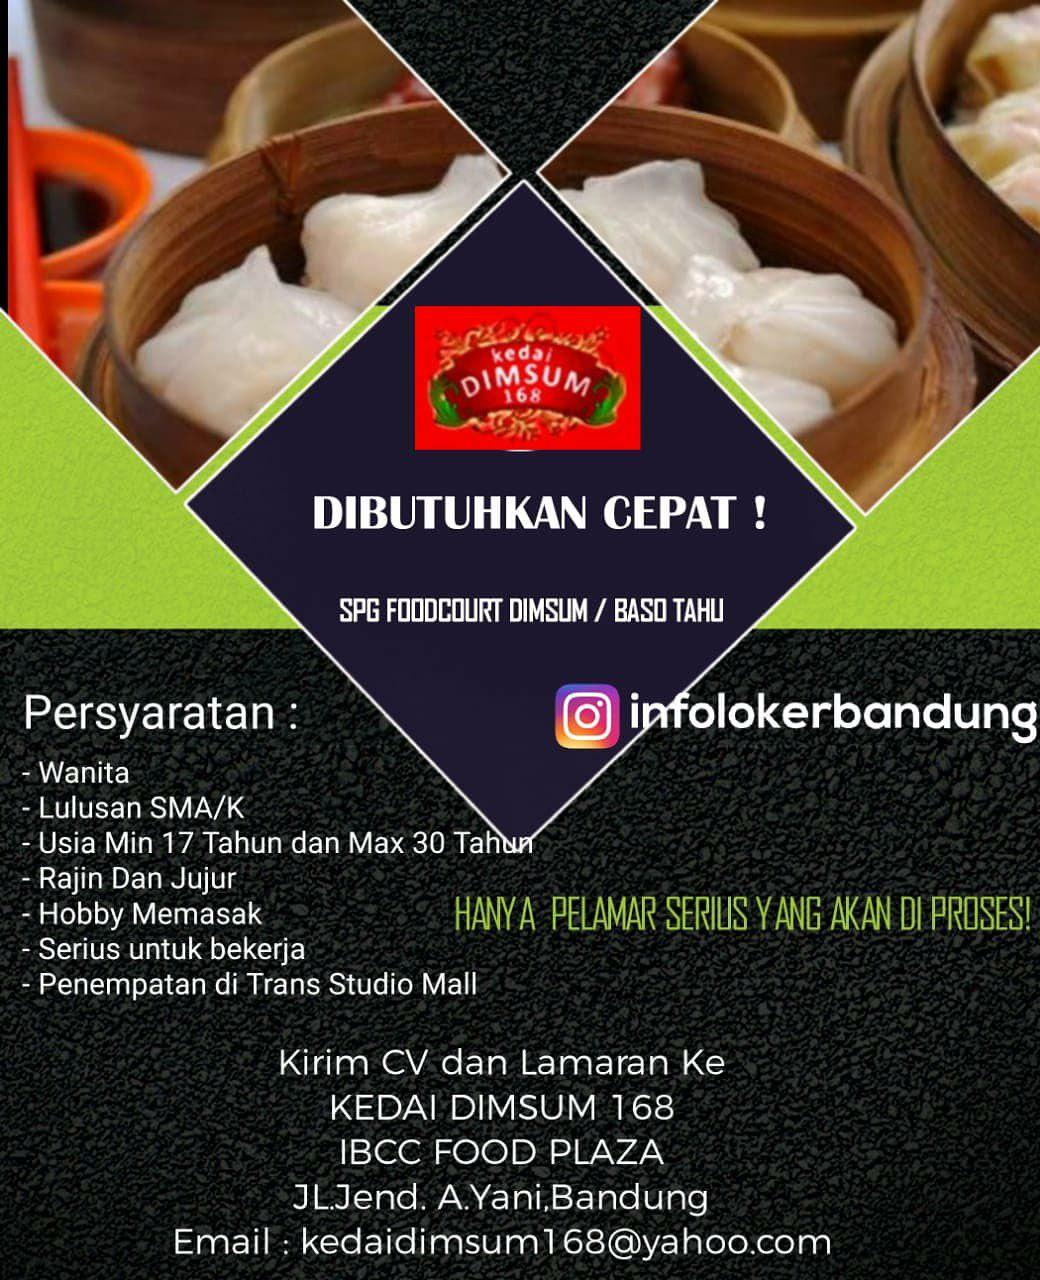 Lowongan Kerja Kedai Dimsum 168 Bandung Juli 2018